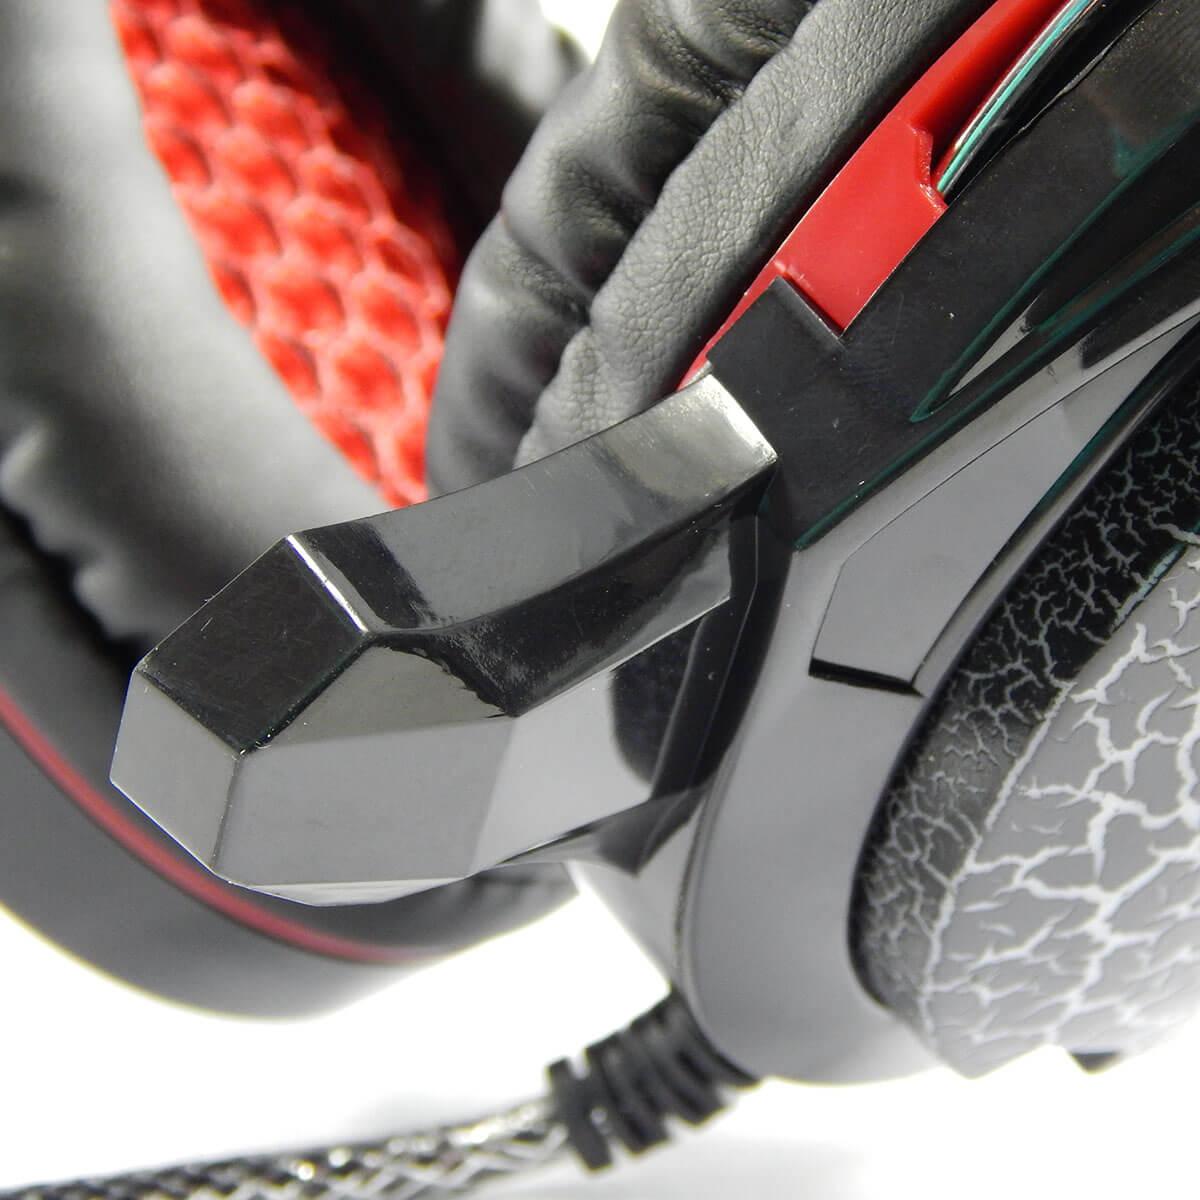 KIT Headset Gamer com Microfone e Led Colorido Exbom GH-X10 com Adaptador P3 x P2